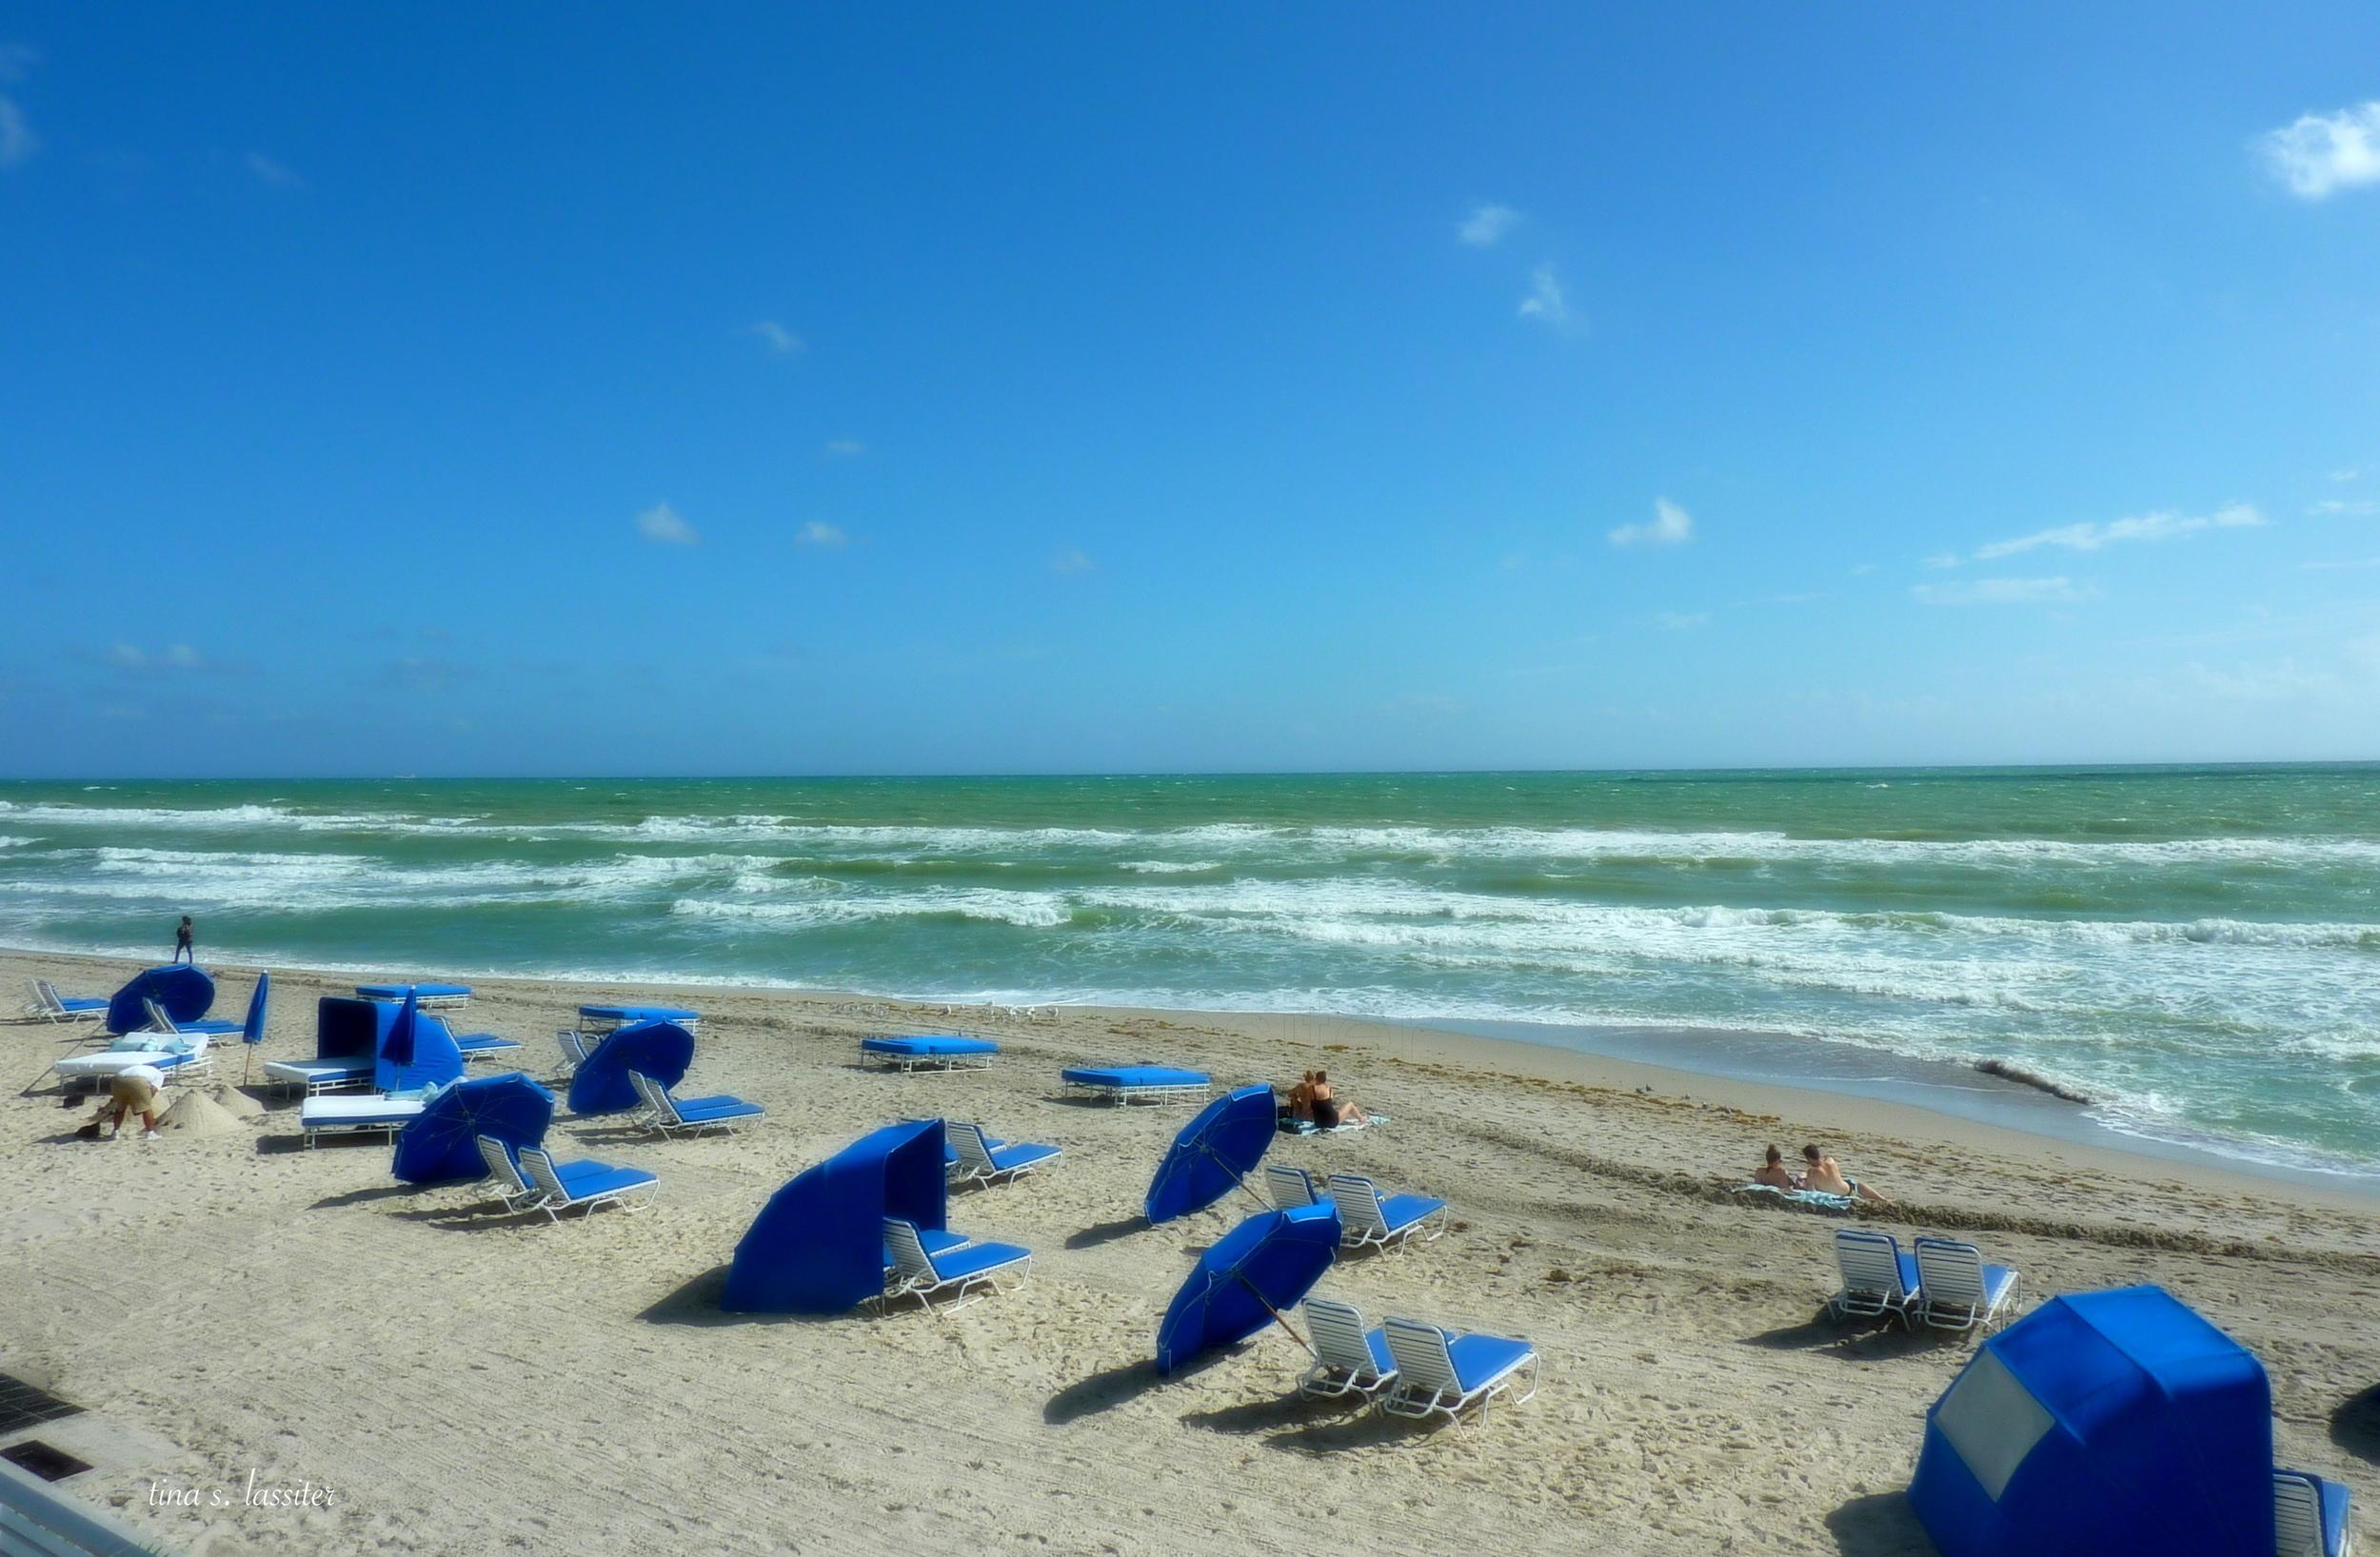 hollywood beach blues